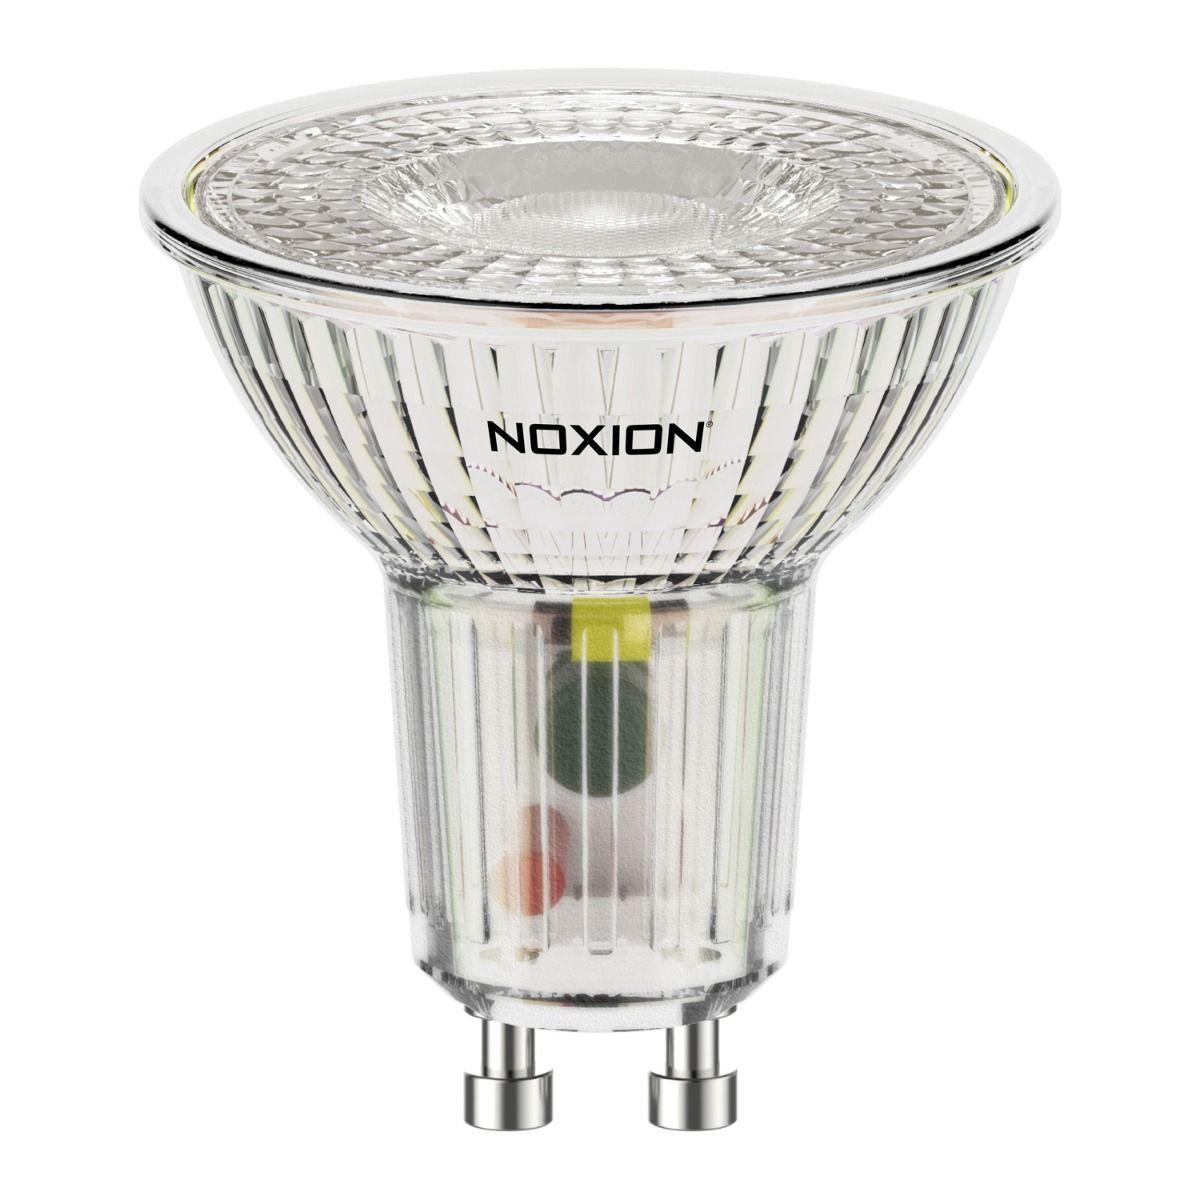 Noxion LED-Spot GU10 3.7W 840 36D 270lm   Kaltweiß - Ersatz für 35W